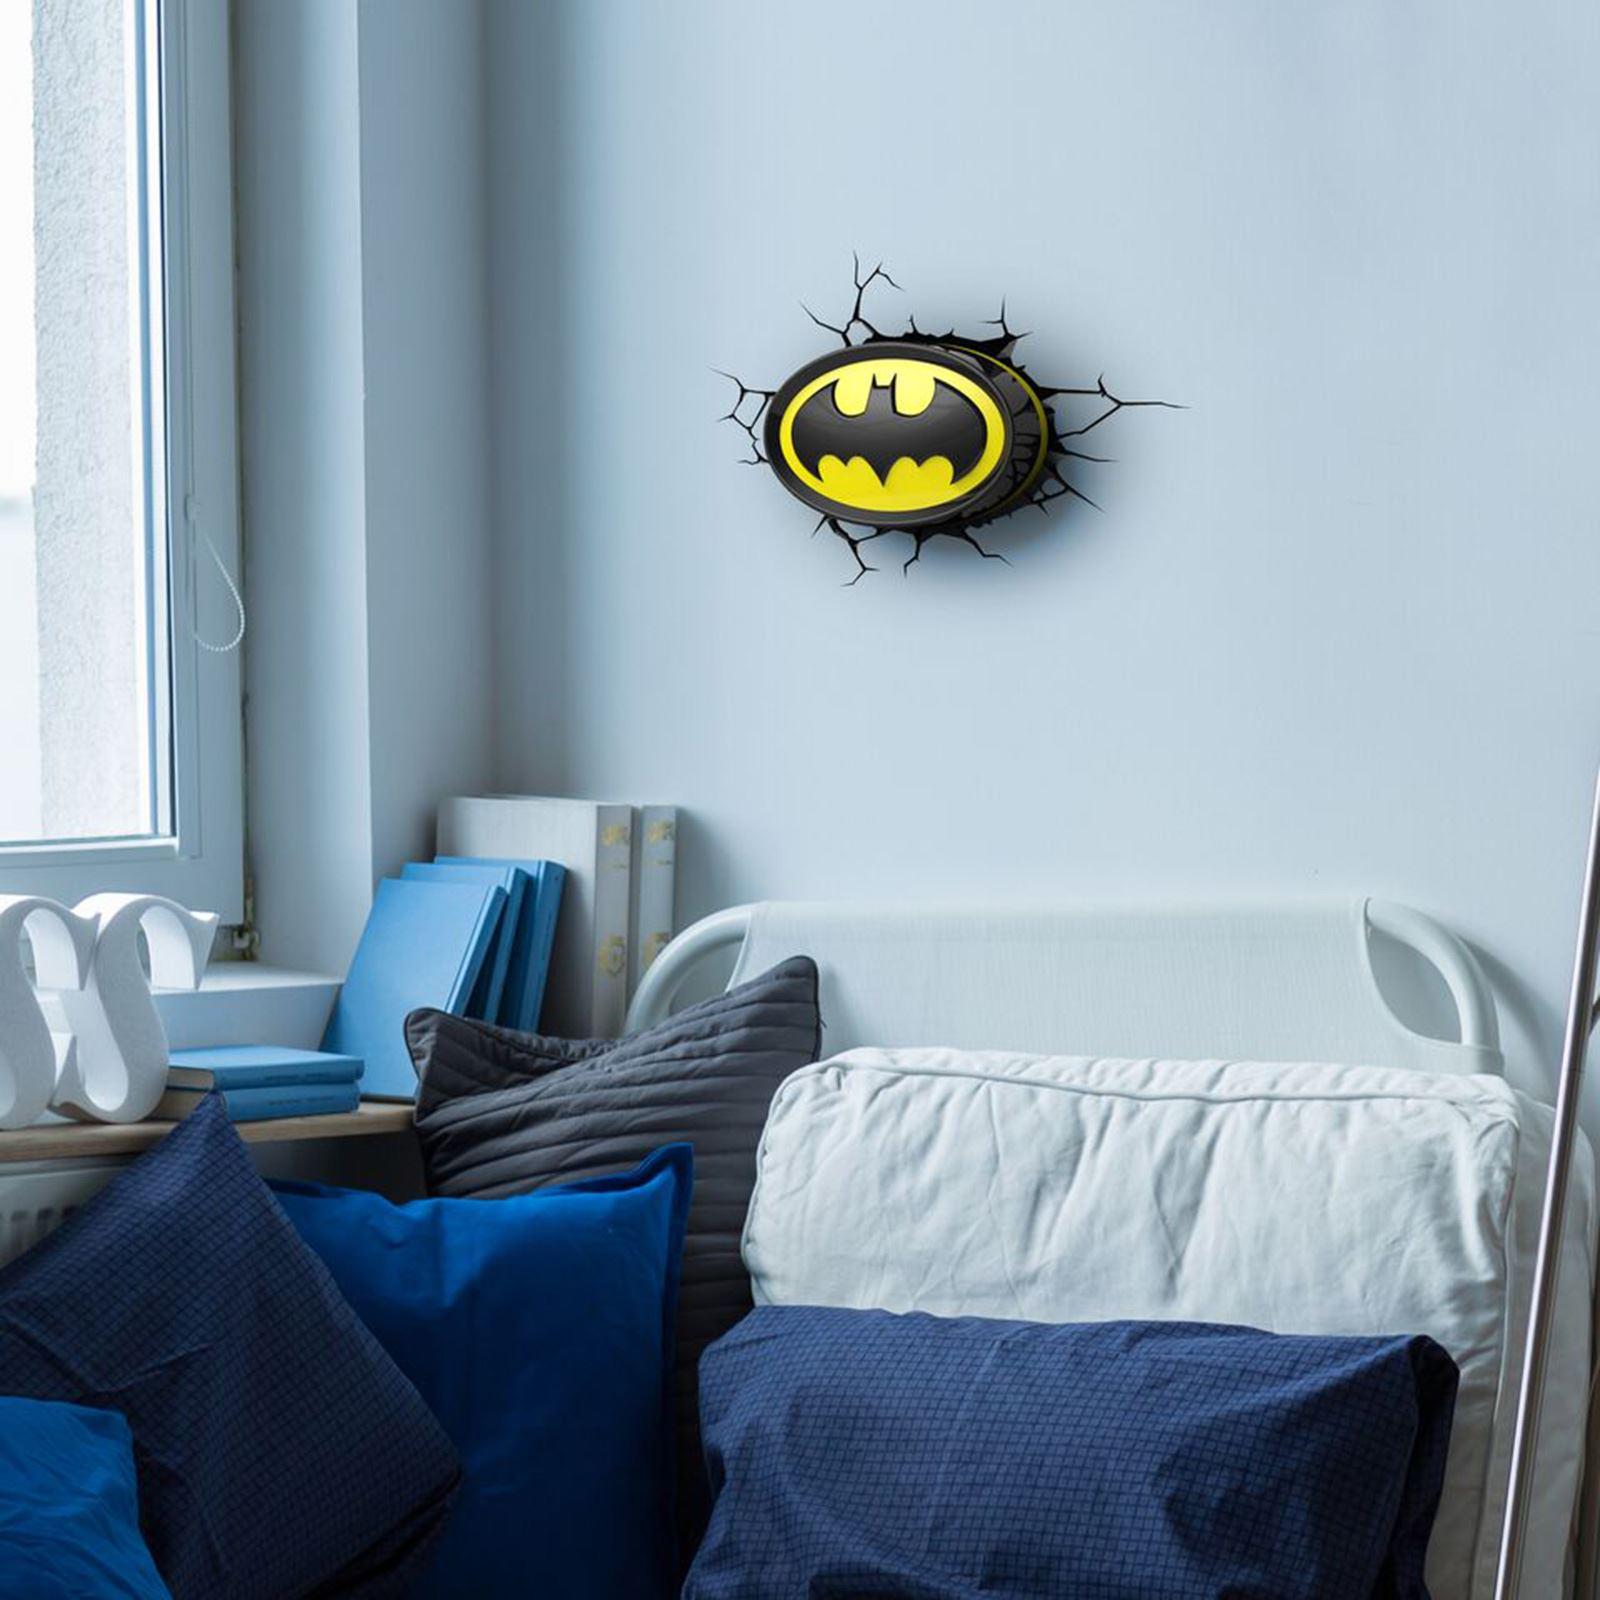 Dc Comics Batman Amp Superman 3d Wall Lights Nightlight